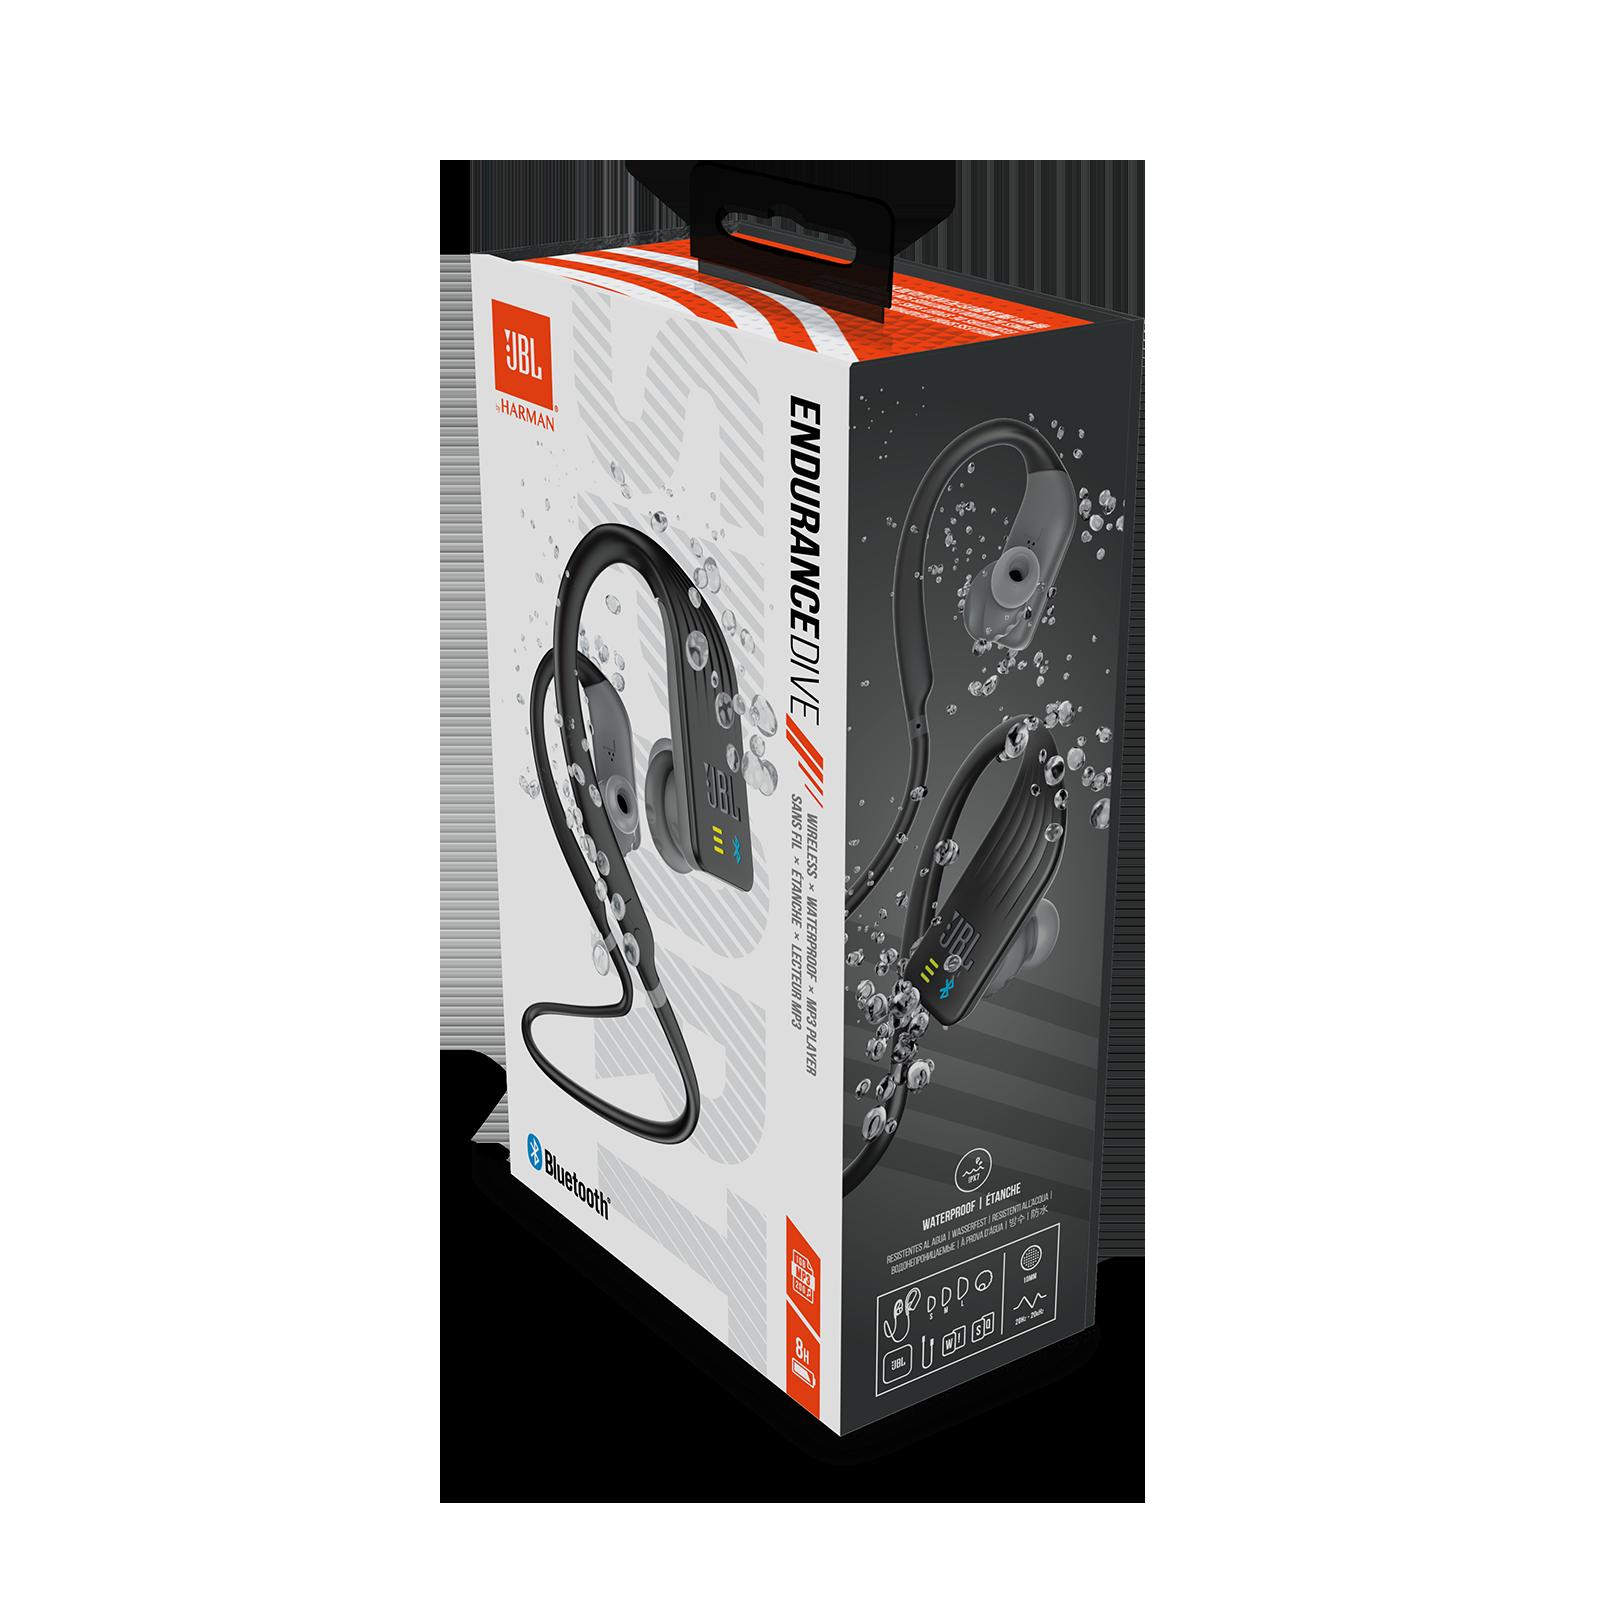 JBL Endurance DIVE   Waterproof Wireless In Ear Sport